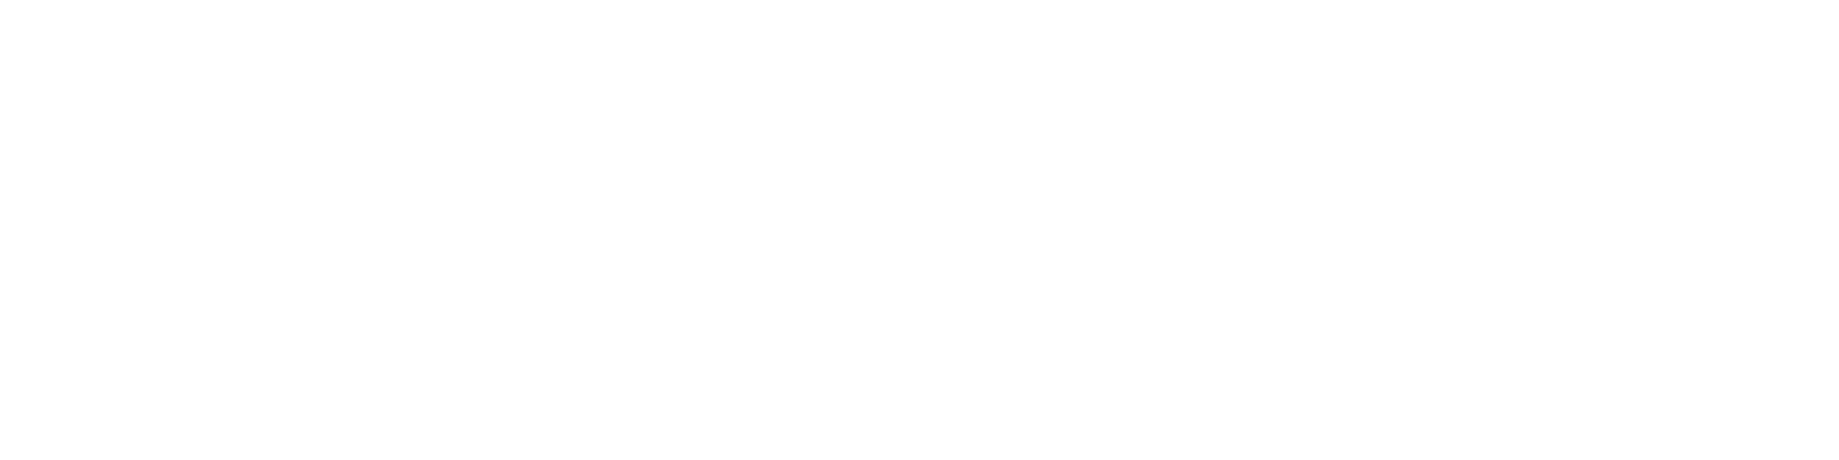 Kent_UKAT_Academies_logo.png